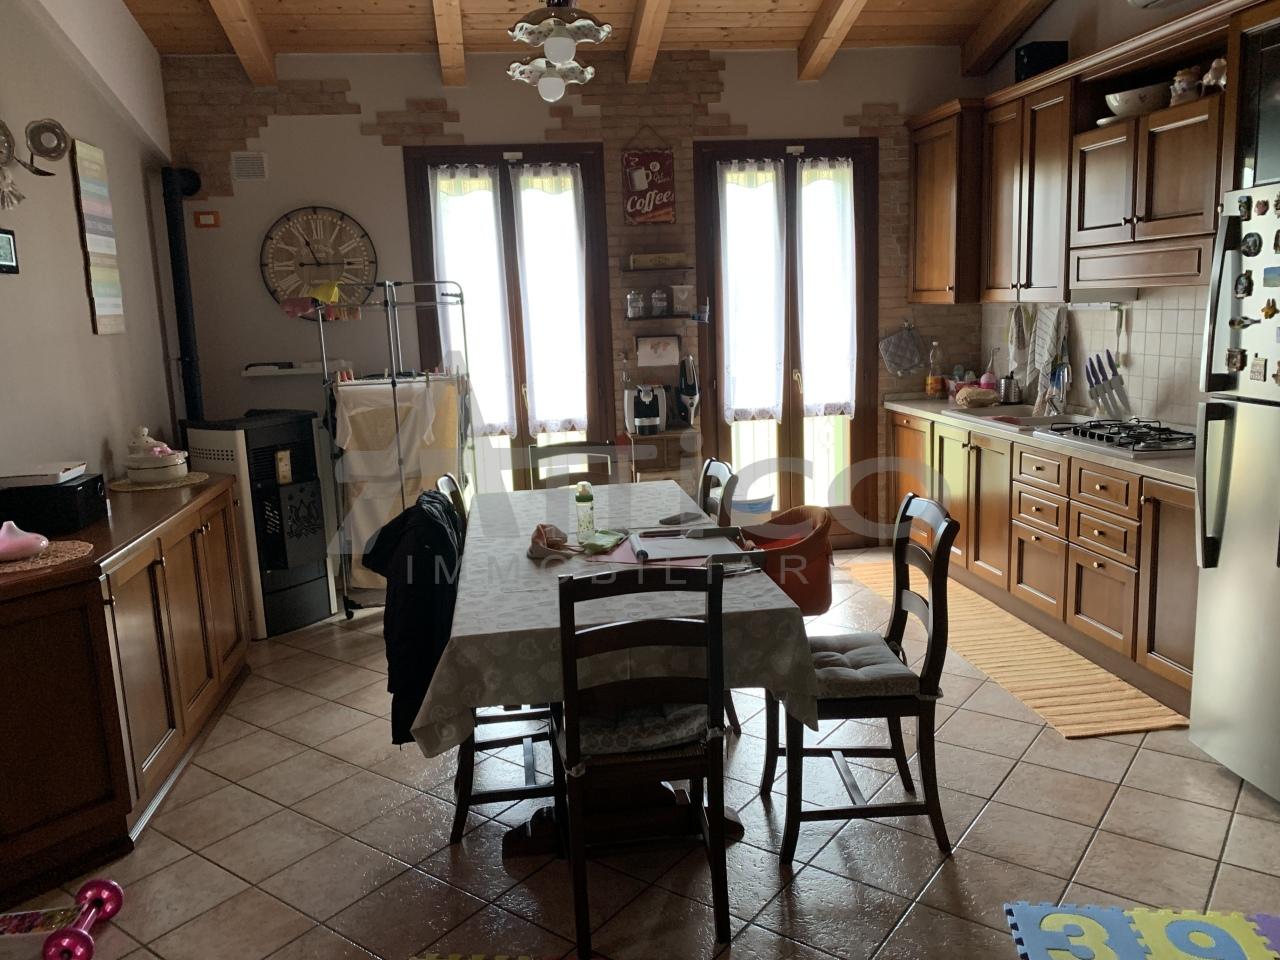 Appartamento - Quadrilocale a Grignano Polesine, Rovigo